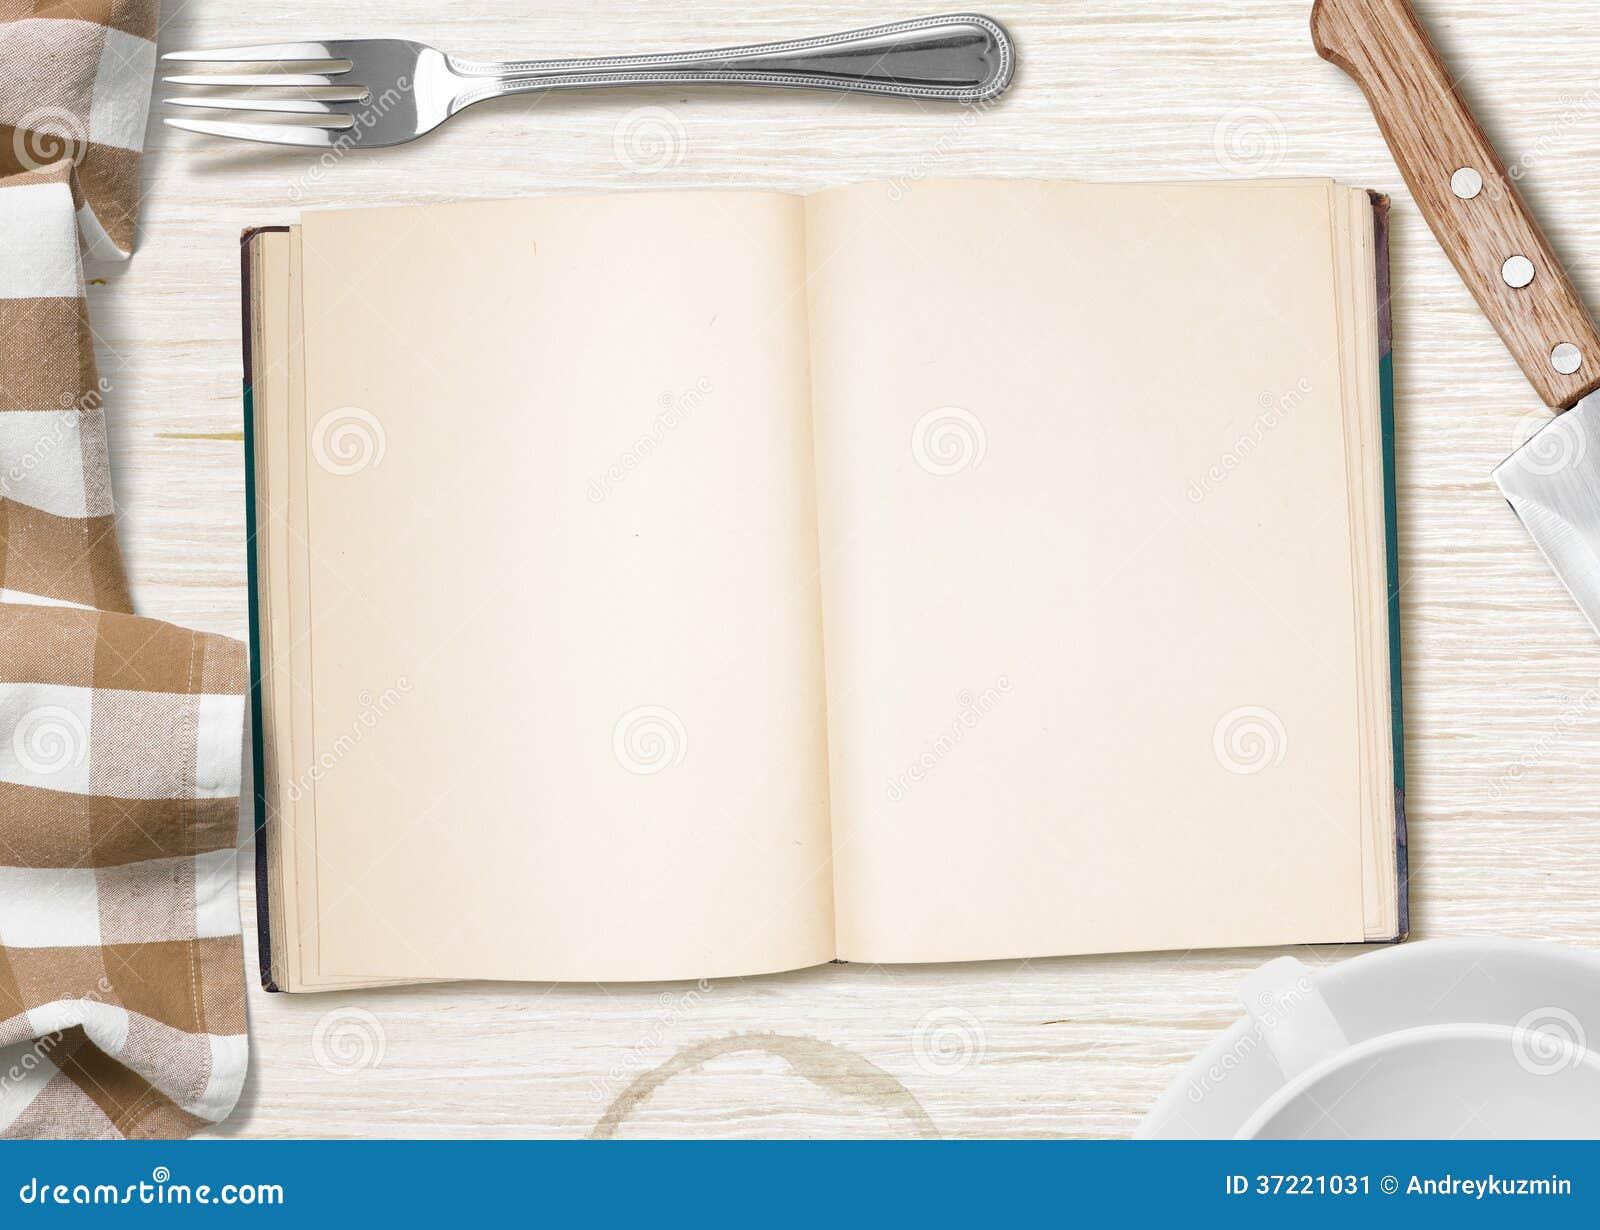 cucina con il microonde: cucina modello iride con forno a micronde ... - Cucina Kosher Doppi Elettrodomestici